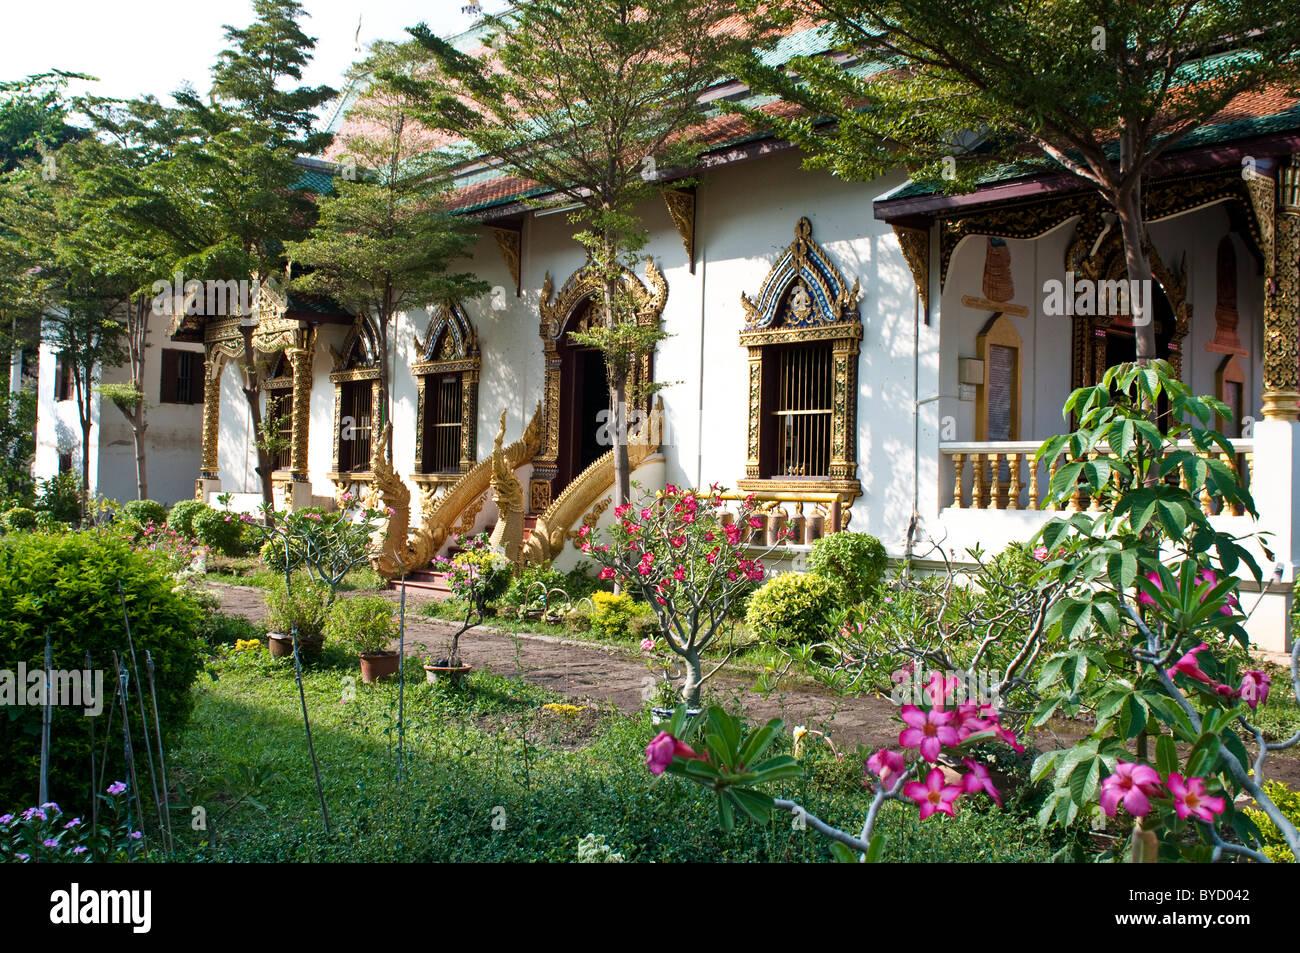 Wat Chiang Man or Mun, Chiang Mai, Thailand - Stock Image